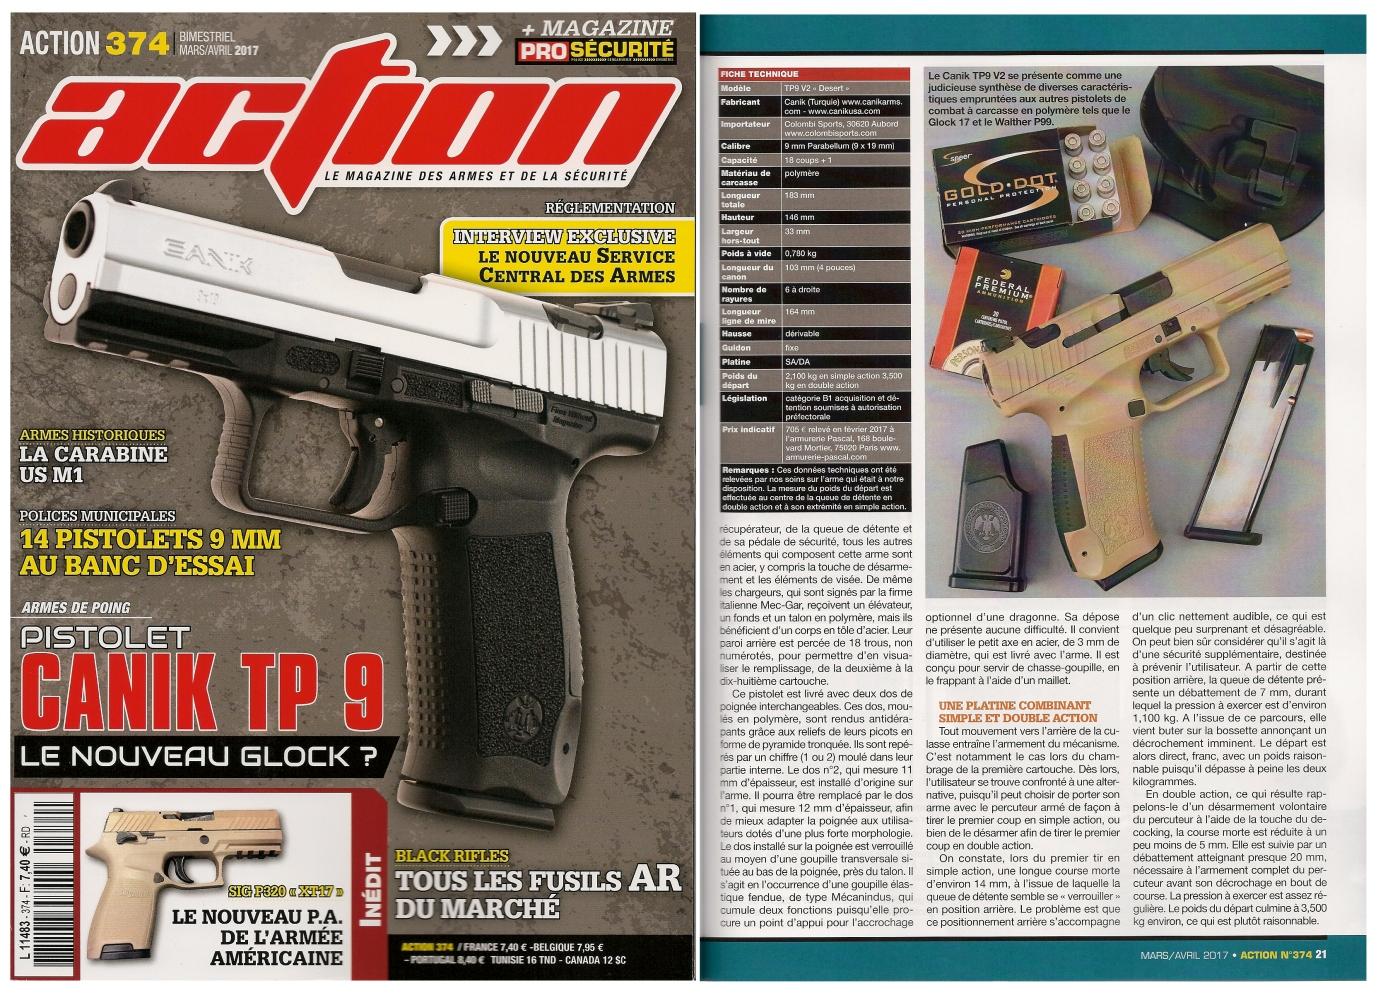 Le banc d'essai du pistolet Canik TP9 V2 a été publié sur 6 pages dans le magazine Action n° 374 (mars/avril 2017).